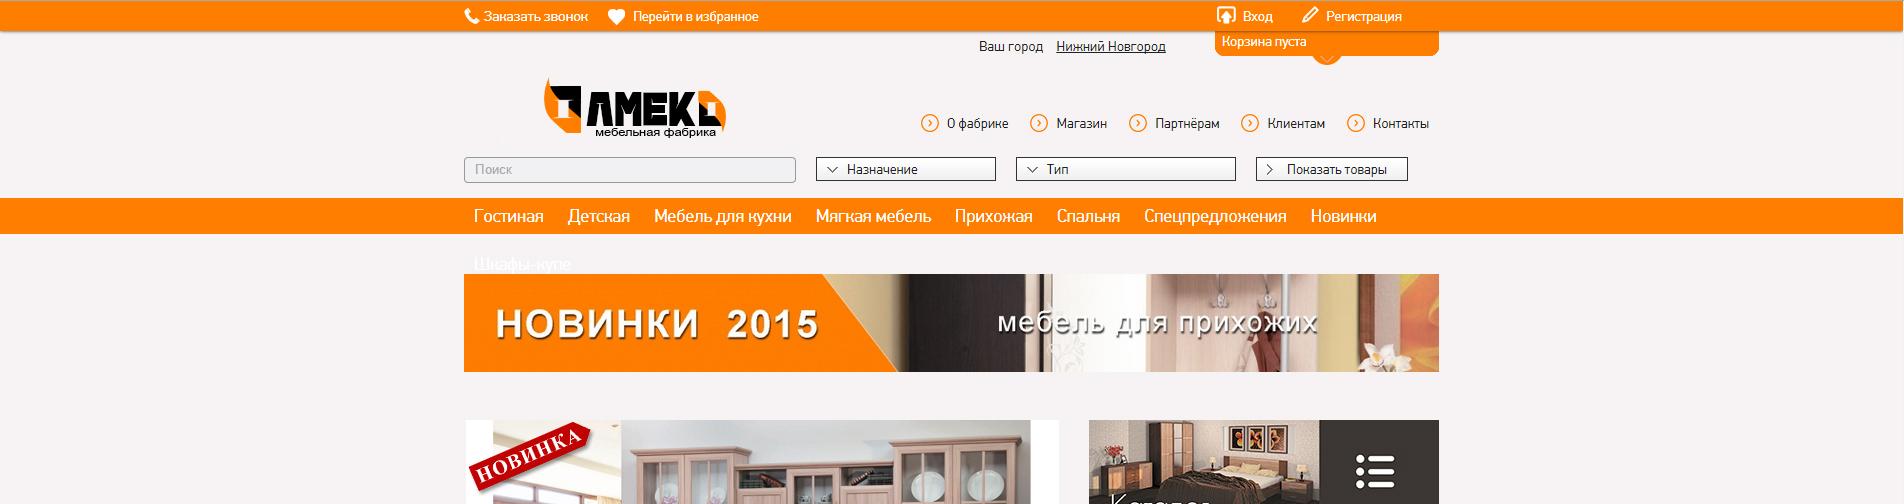 Ребрендинг/Редизайн логотипа Мебельной Фабрики фото f_67354901c366b6d6.jpg